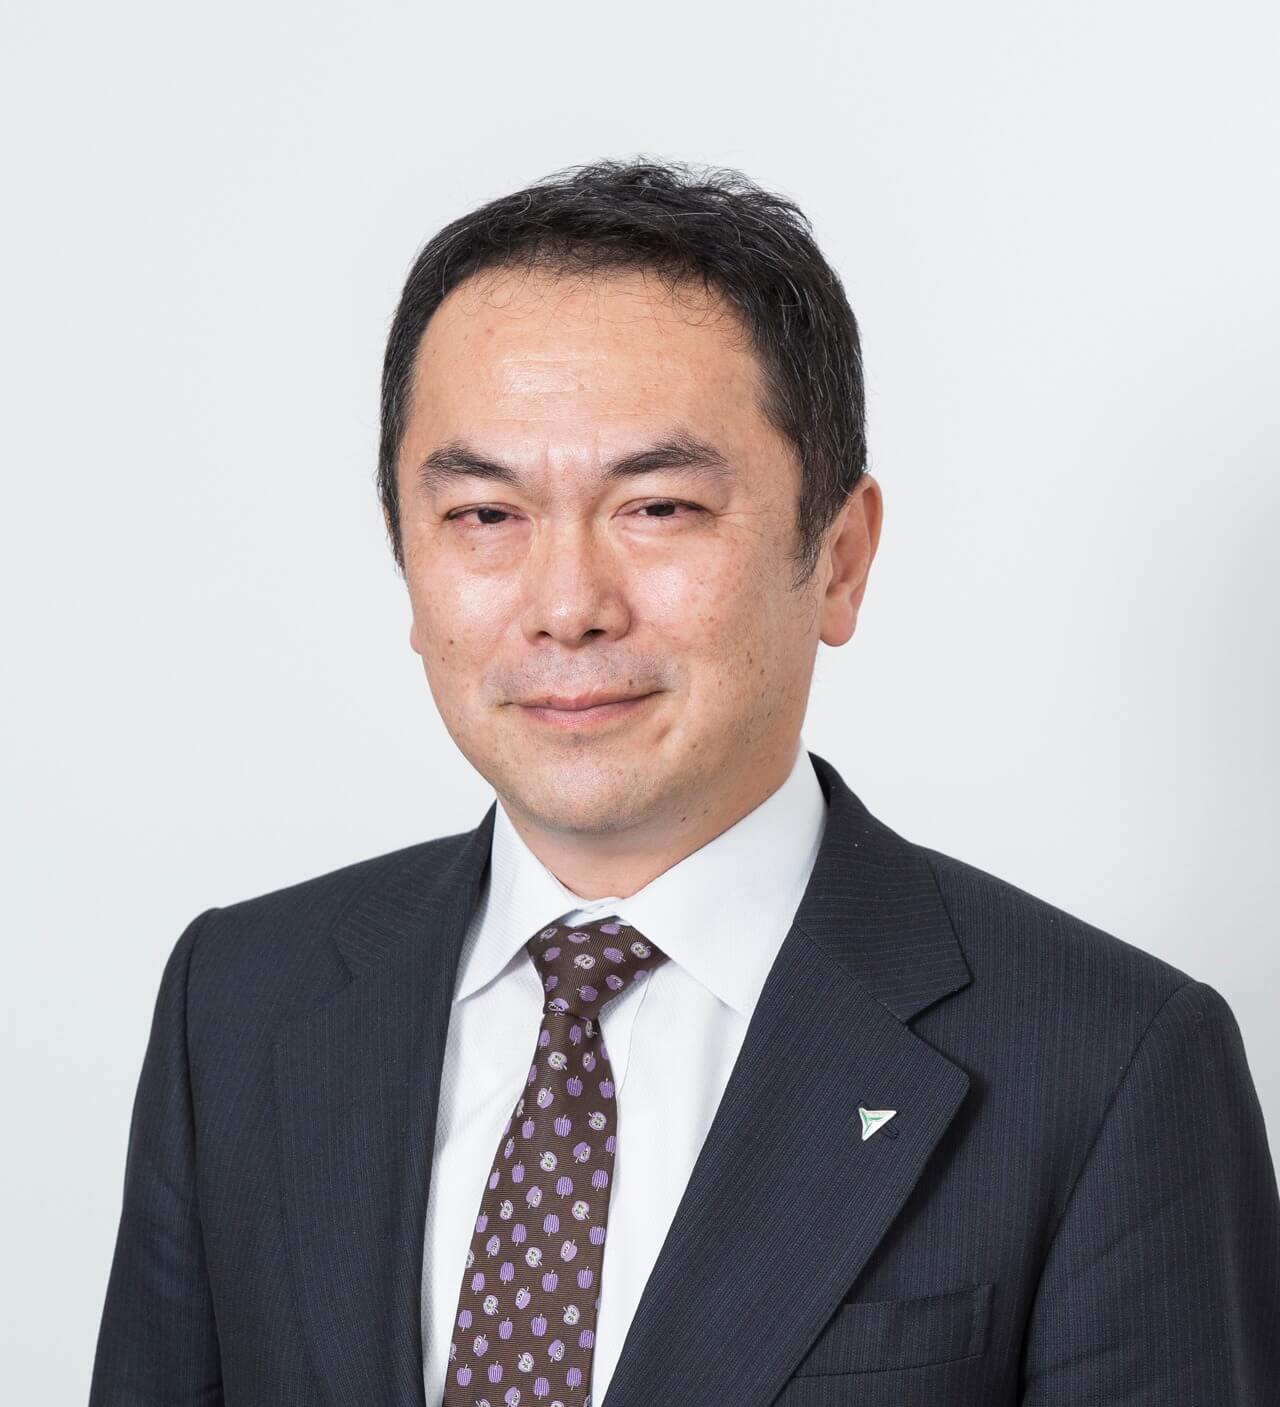 高木啓司様/株式会社山下PMCシニアマネジャー 知財・IT部門長